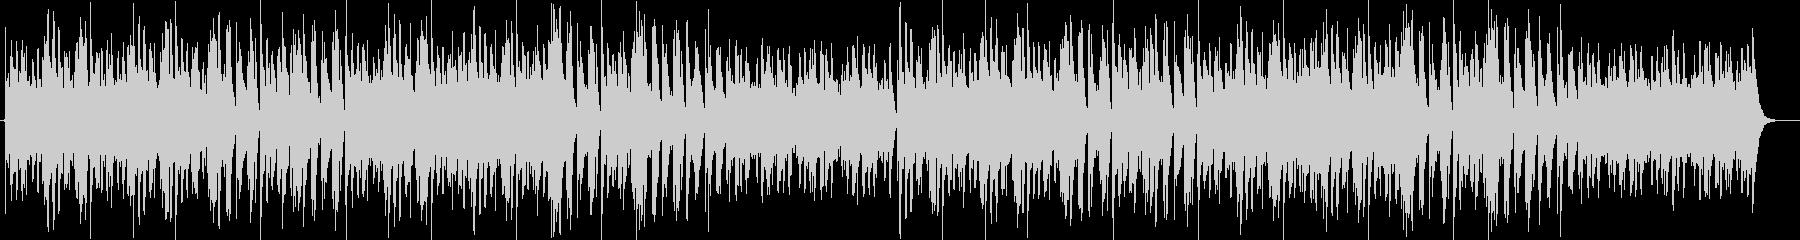 ゆっくりふんわりした木琴のようなbgmの未再生の波形